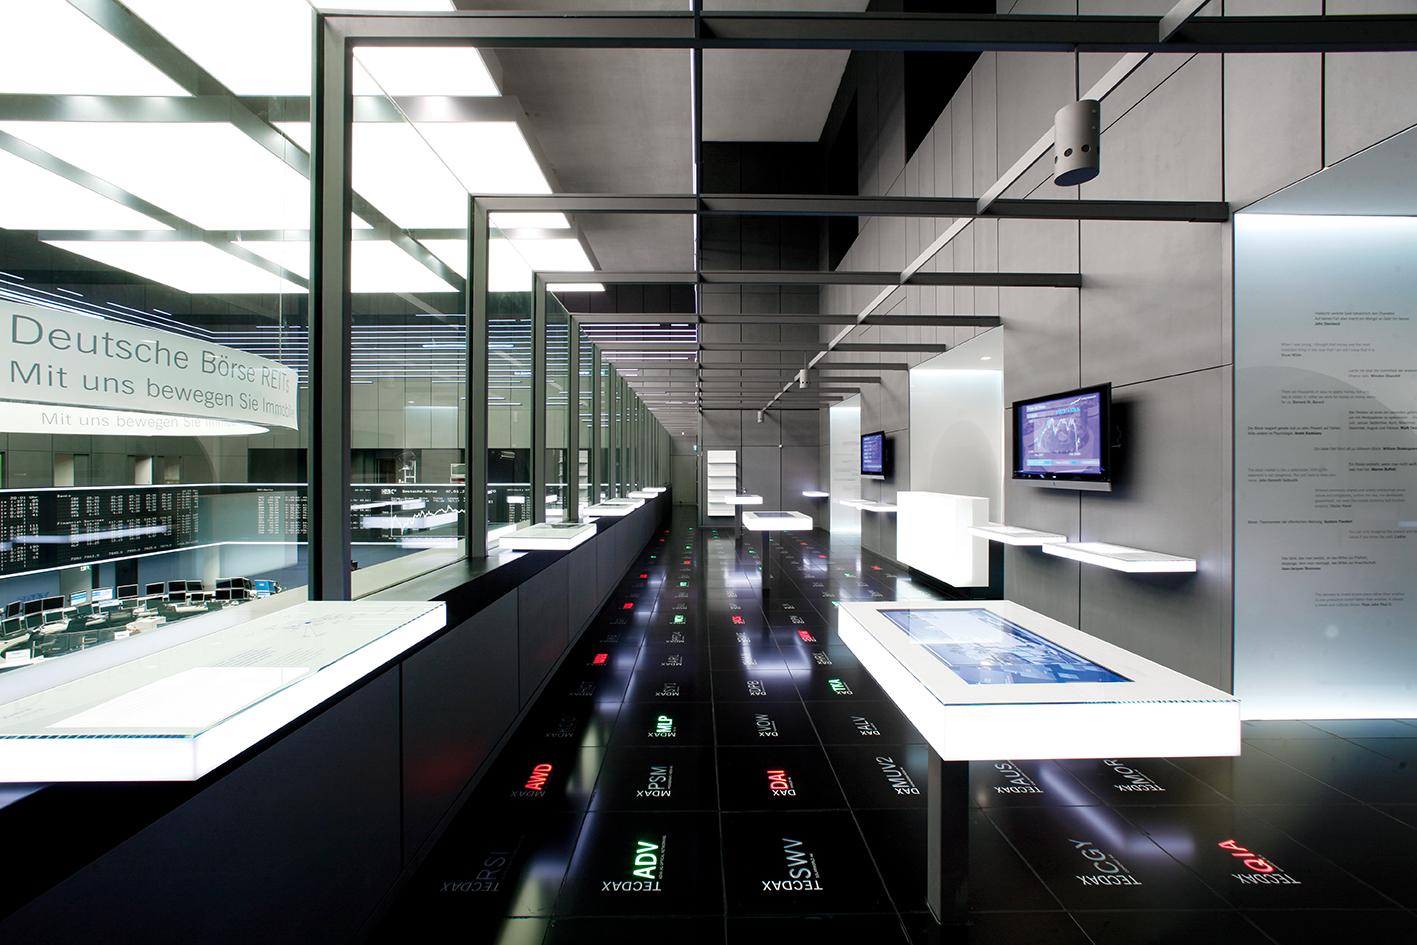 Besuchergalerie Deutsche Börse